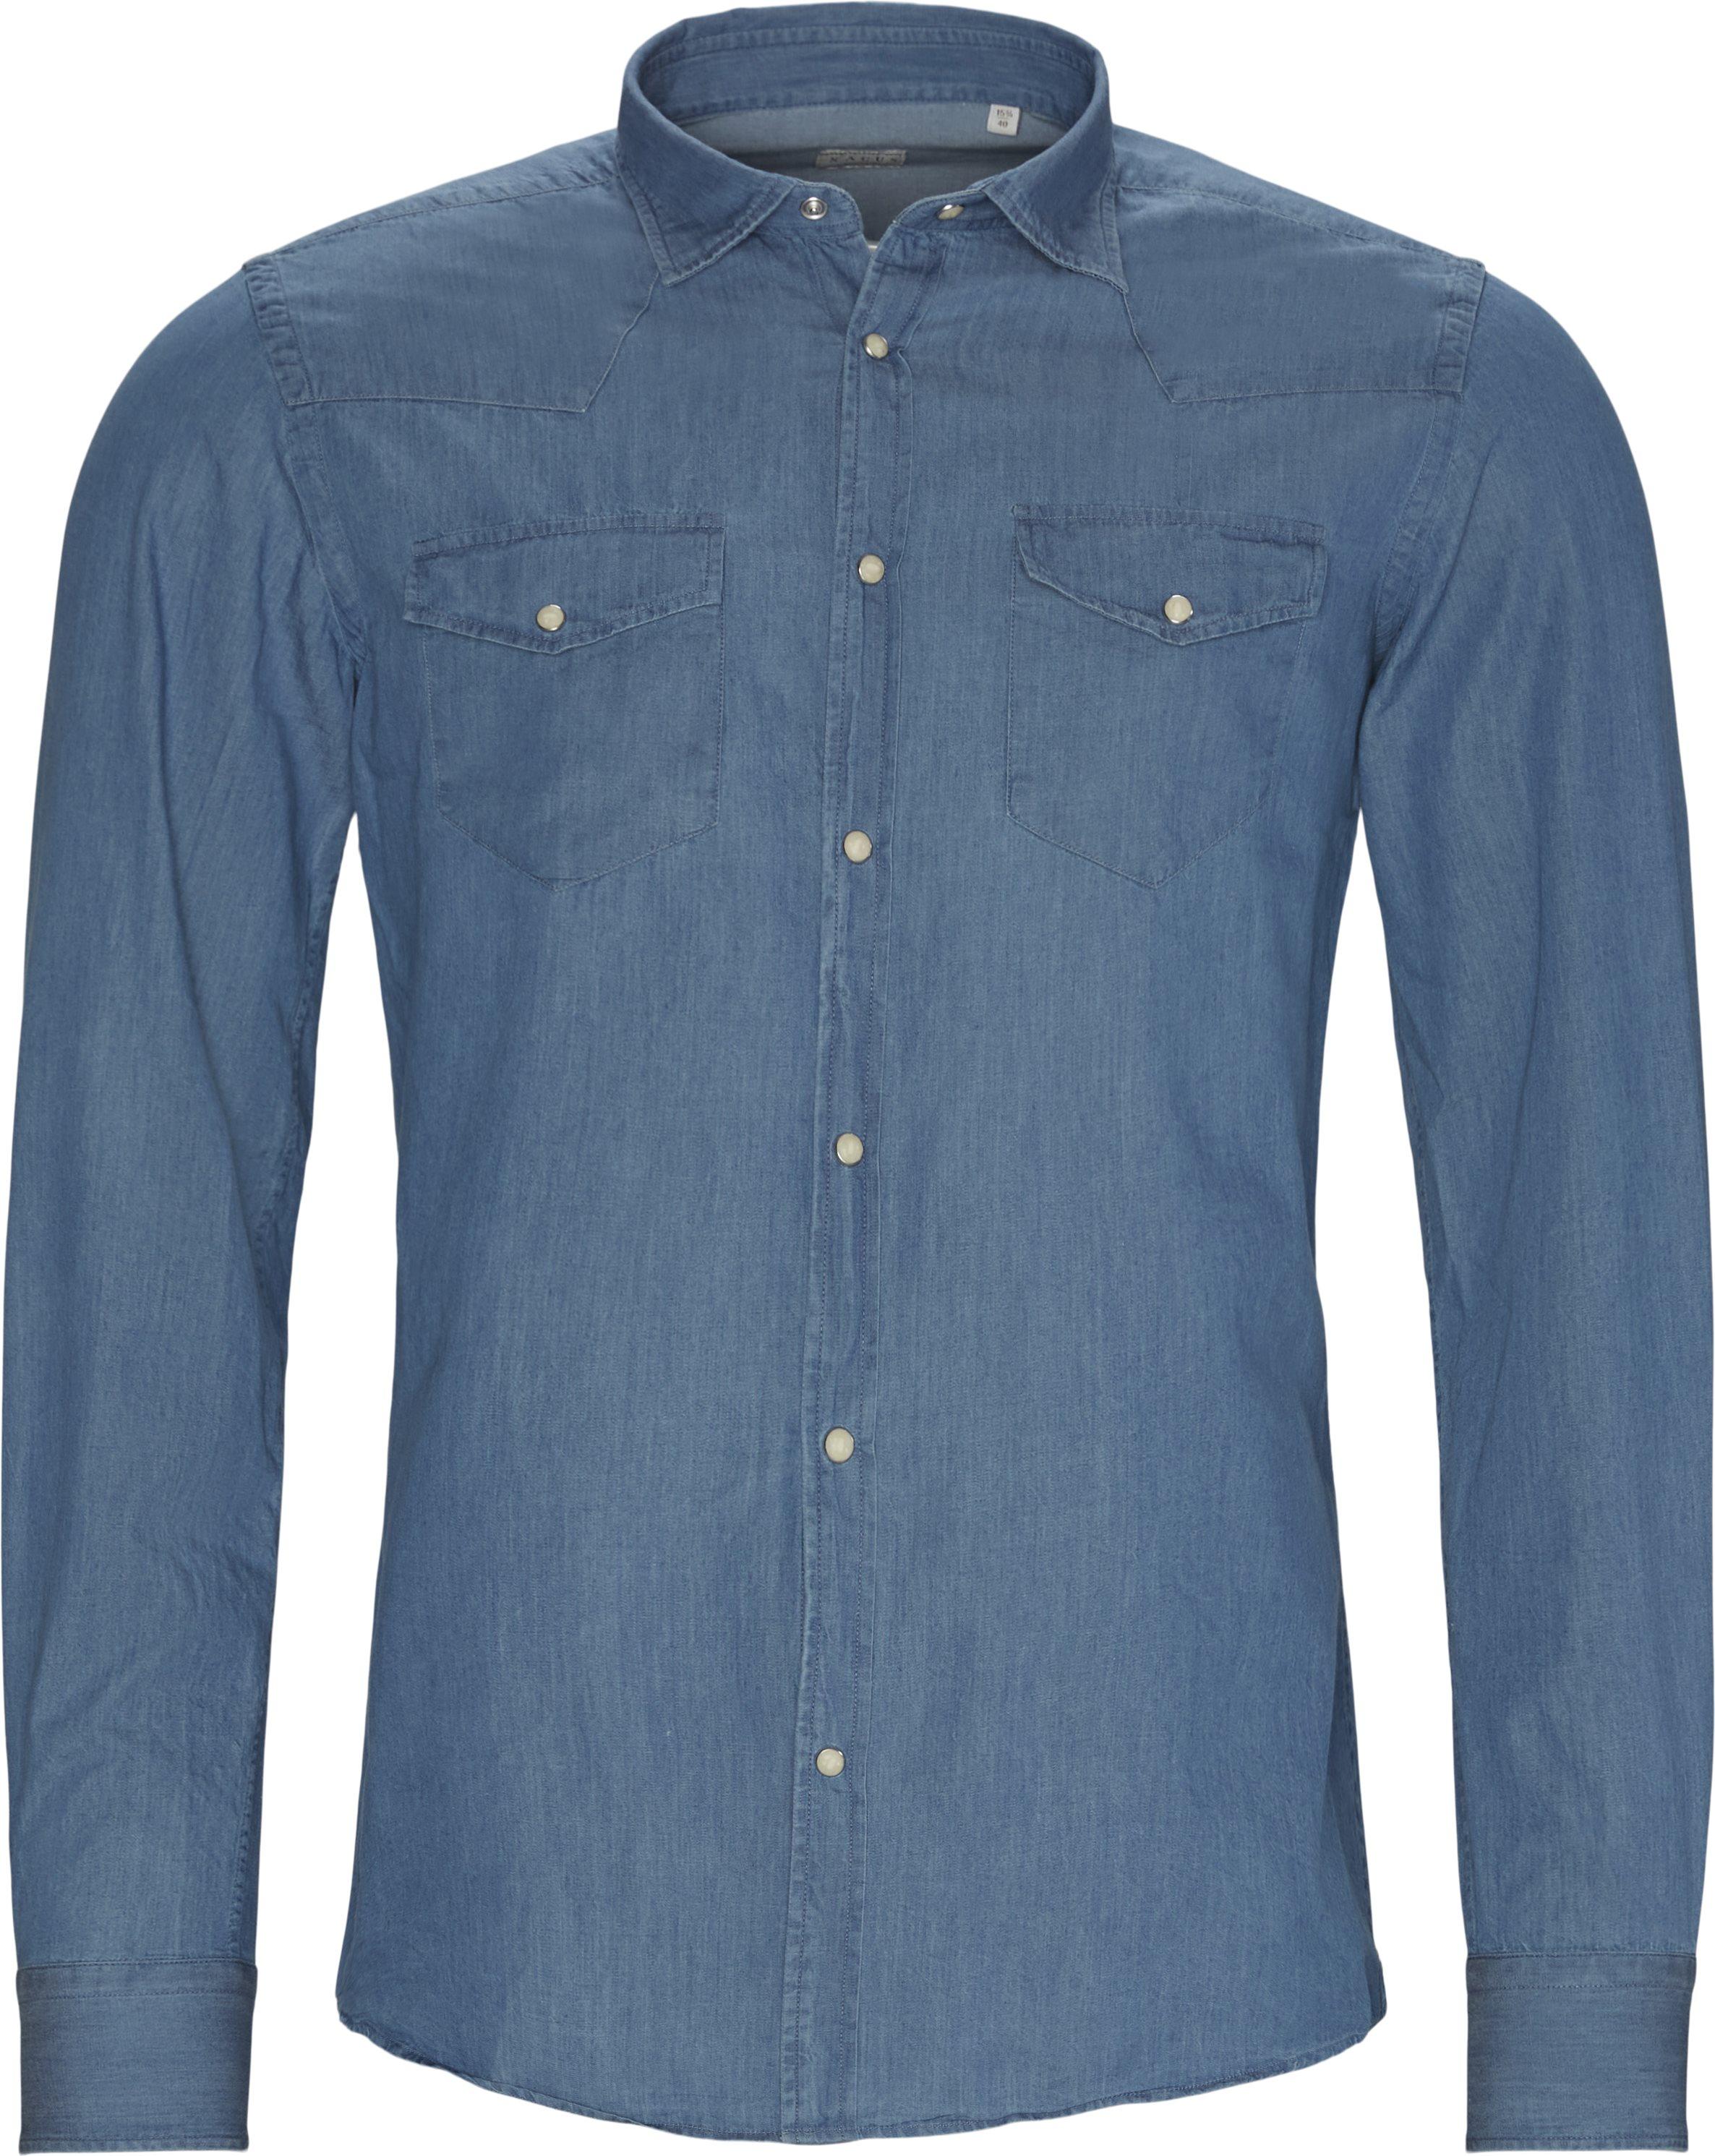 Denim Skjorte - Skjorter - Tailored fit - Blå